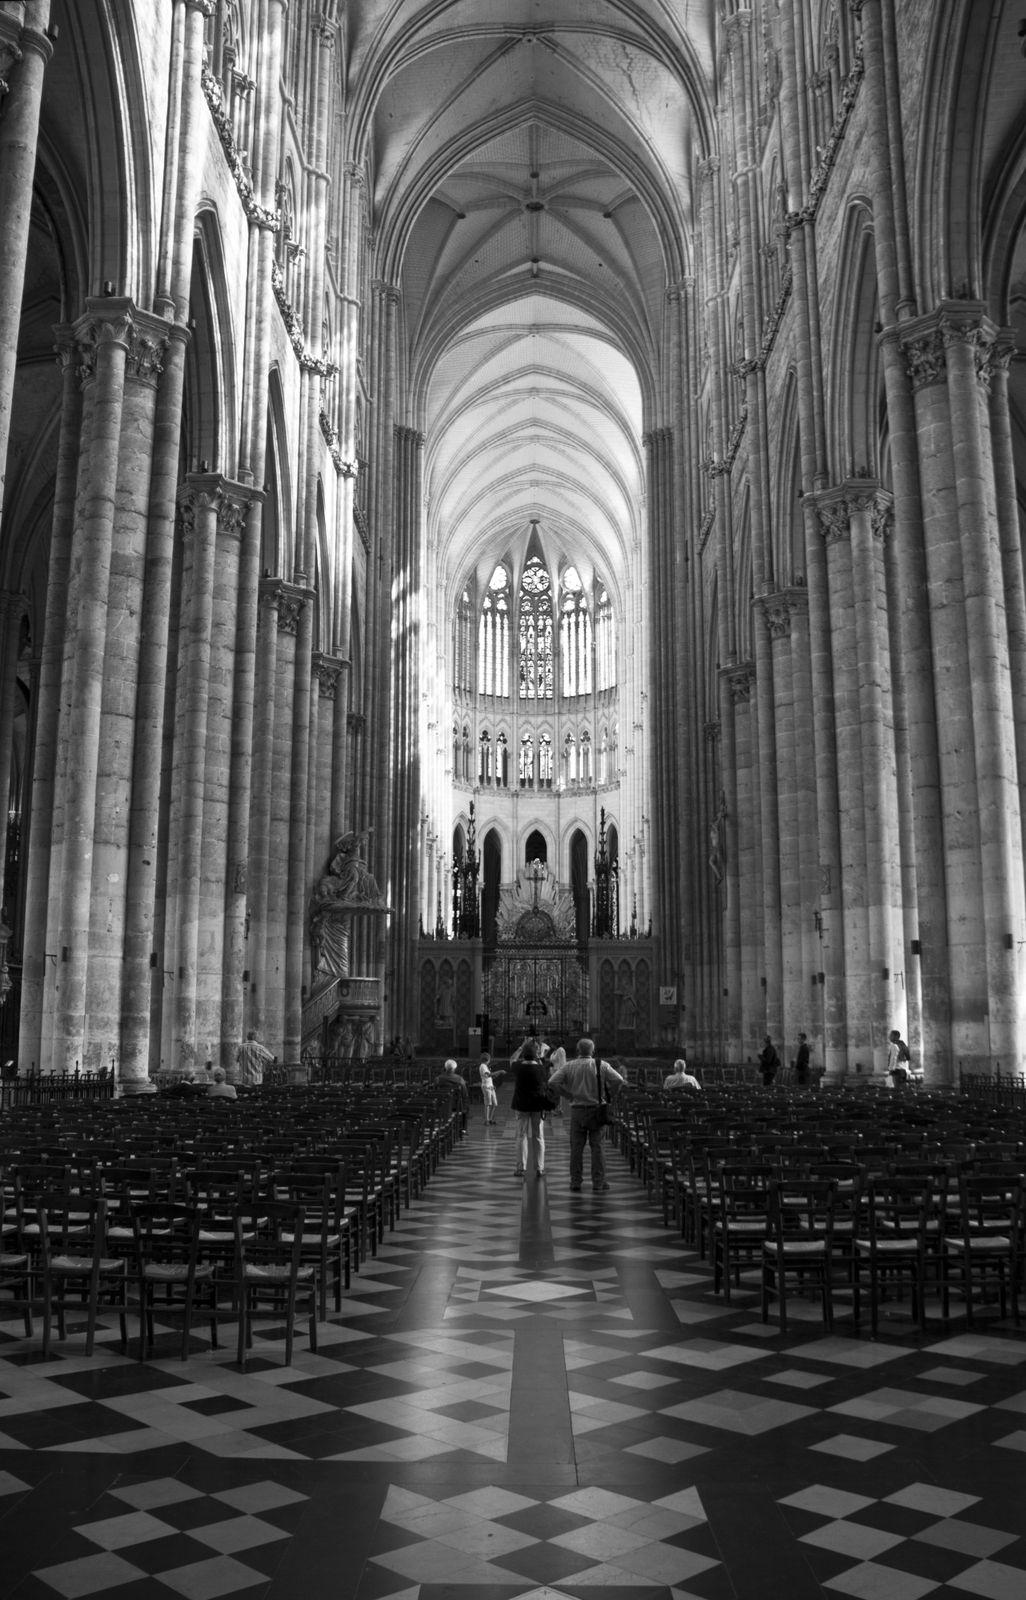 Le labyrinthe, l'immense nef de la cathédrale depuis l'entrée et depuis l'autel